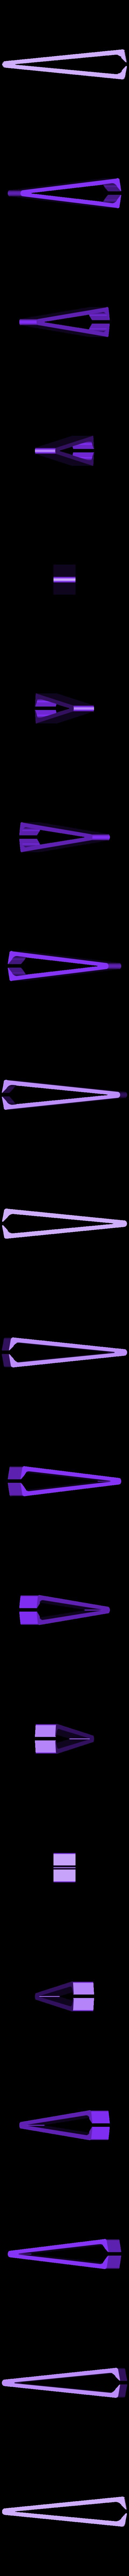 pince.stl Télécharger fichier STL gratuit pince pour retirer les écharde • Plan pour imprimante 3D, YOHAN_3D